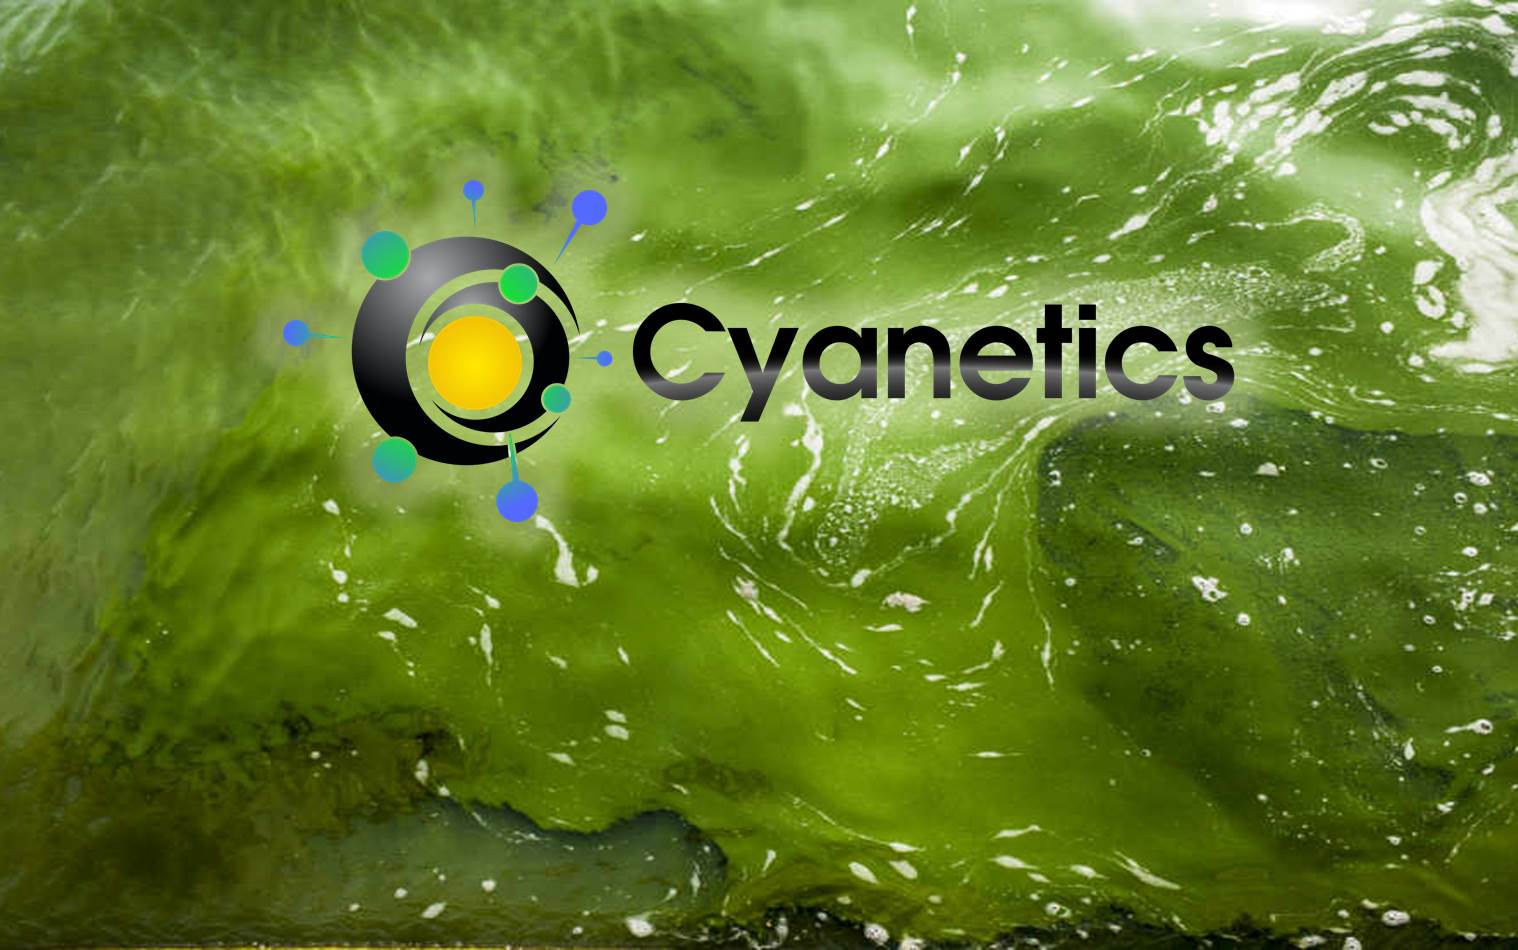 Cyanetics